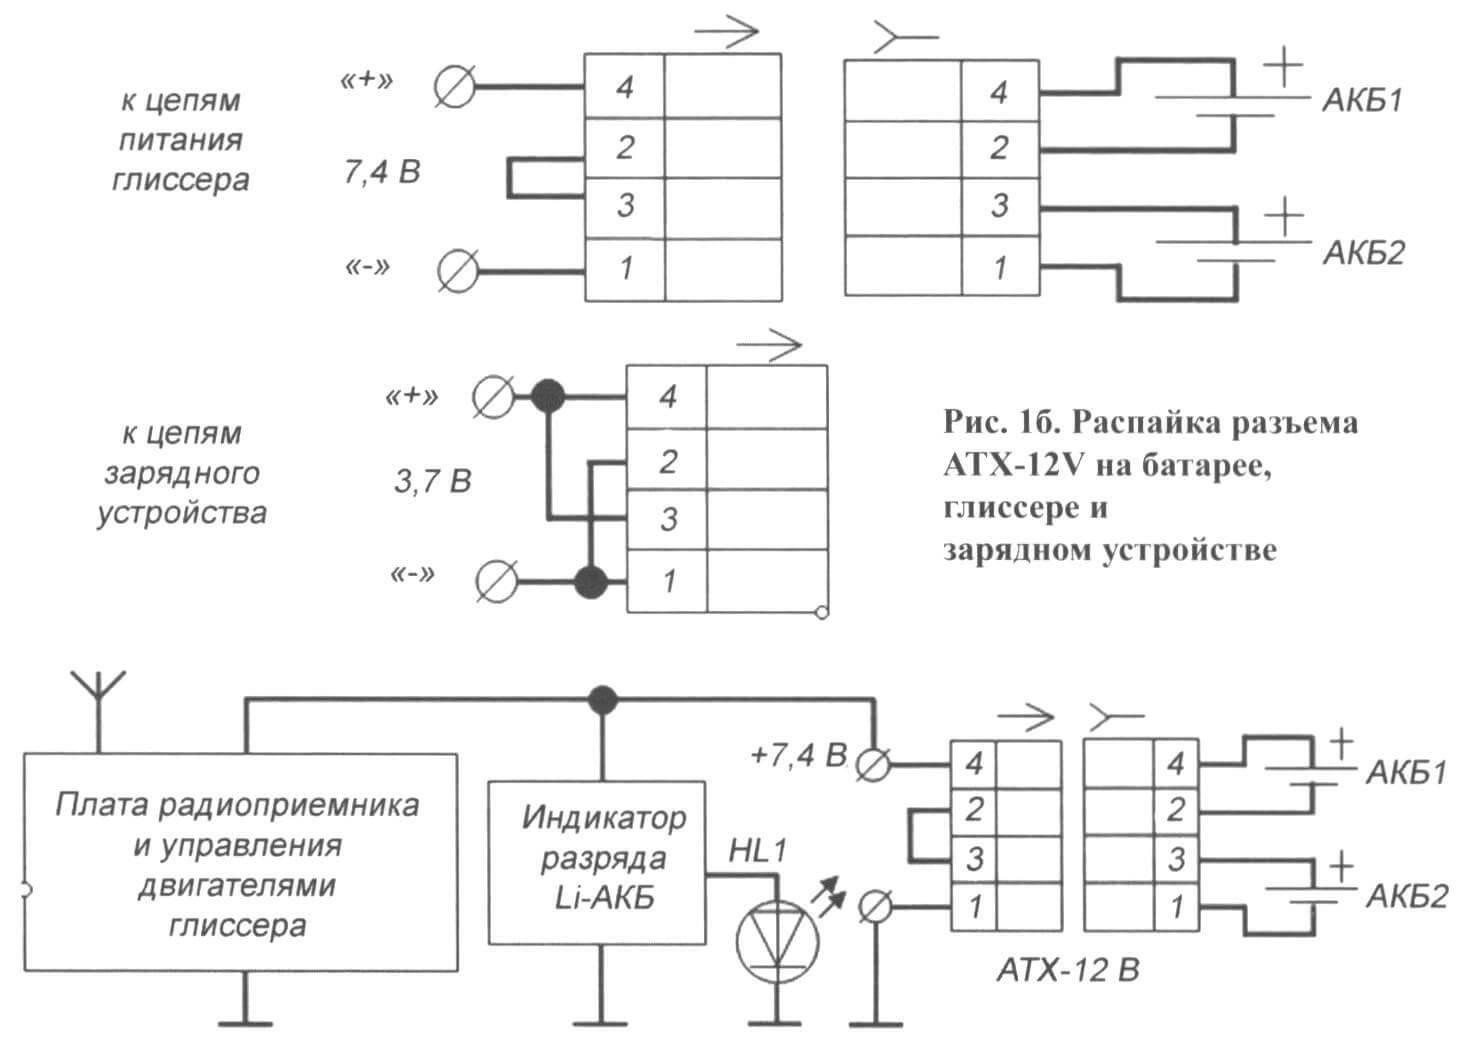 Рис. 3. Общая электрическая схема соединений в модели глиссера с литиевыми АКБ